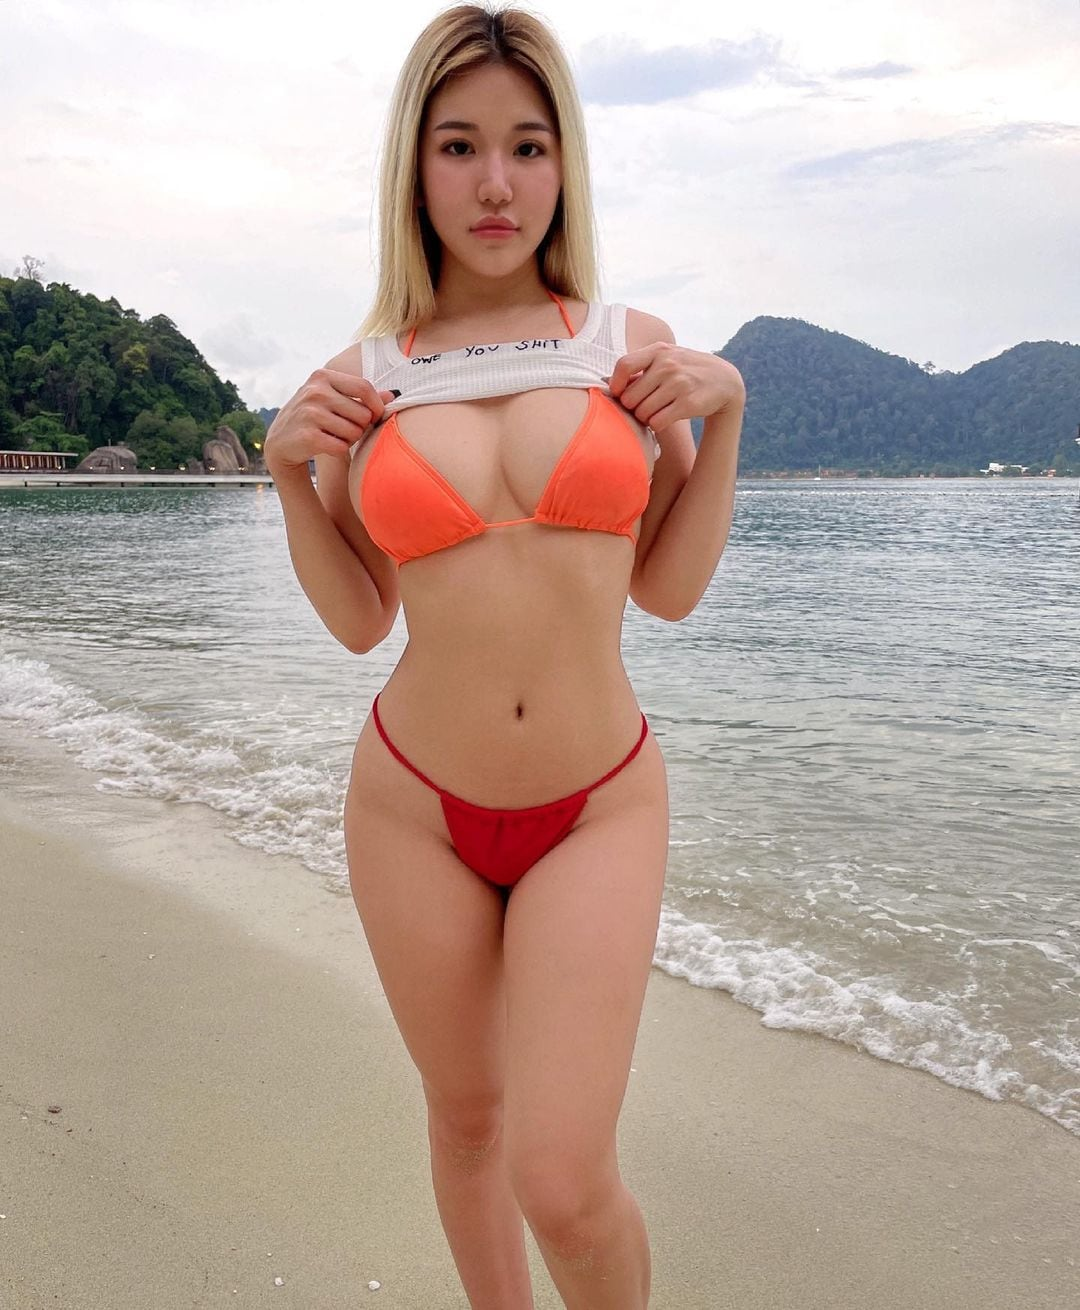 シュー・プーイー・イー「マレーシアの露出姫」美ボディを真っ赤なビキニで…【画像3枚】の画像003